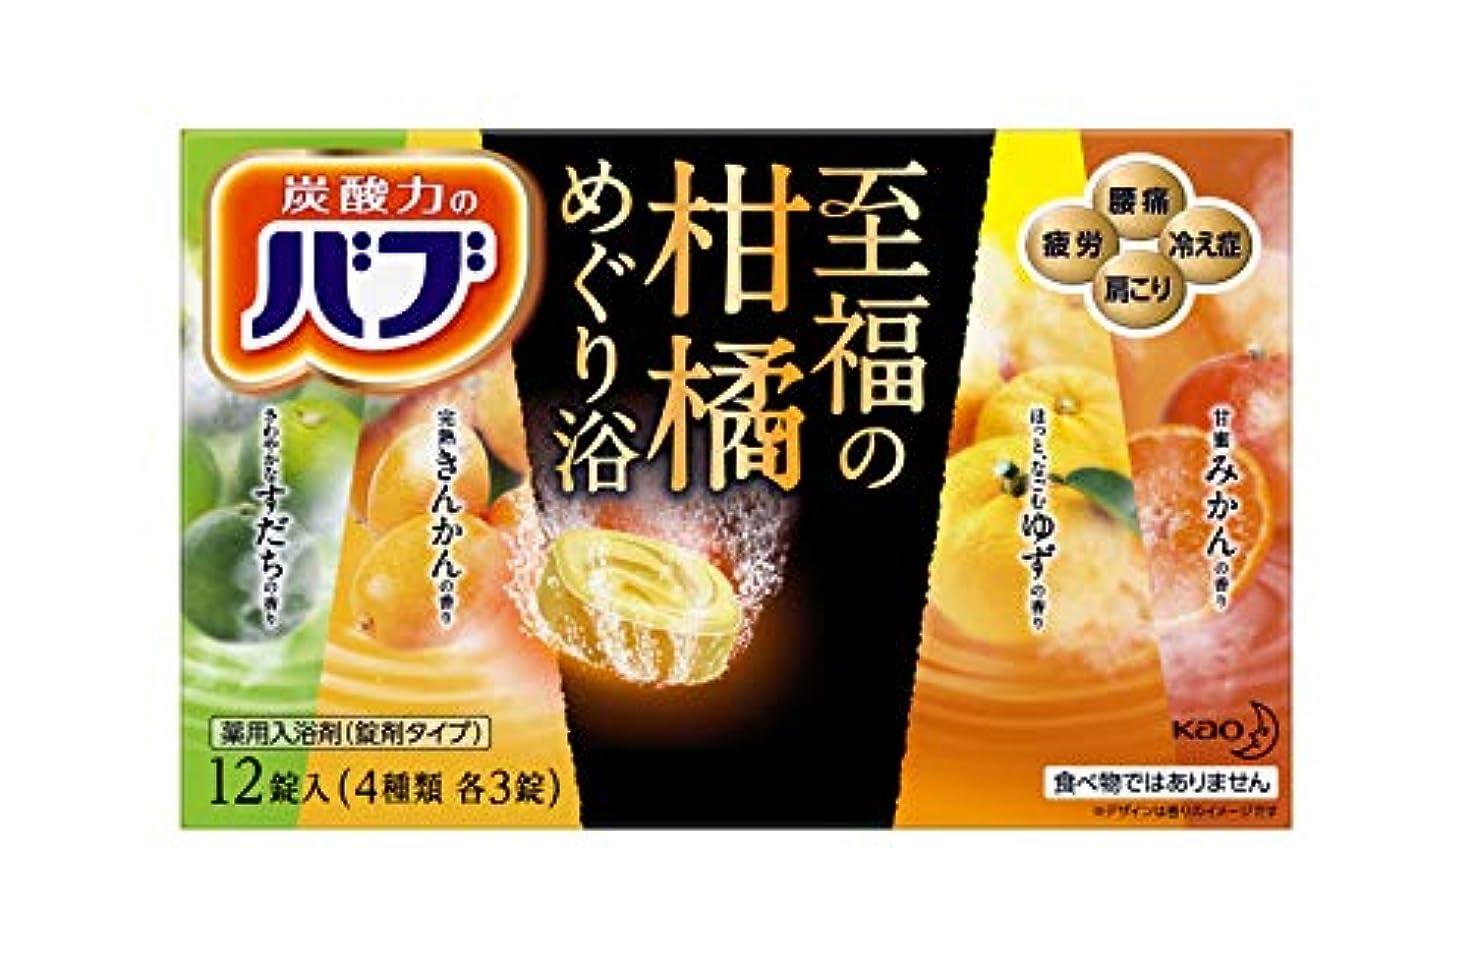 場所干渉ブラザーバブ 至福の柑橘めぐり浴 12錠入 (4種類各3錠入)